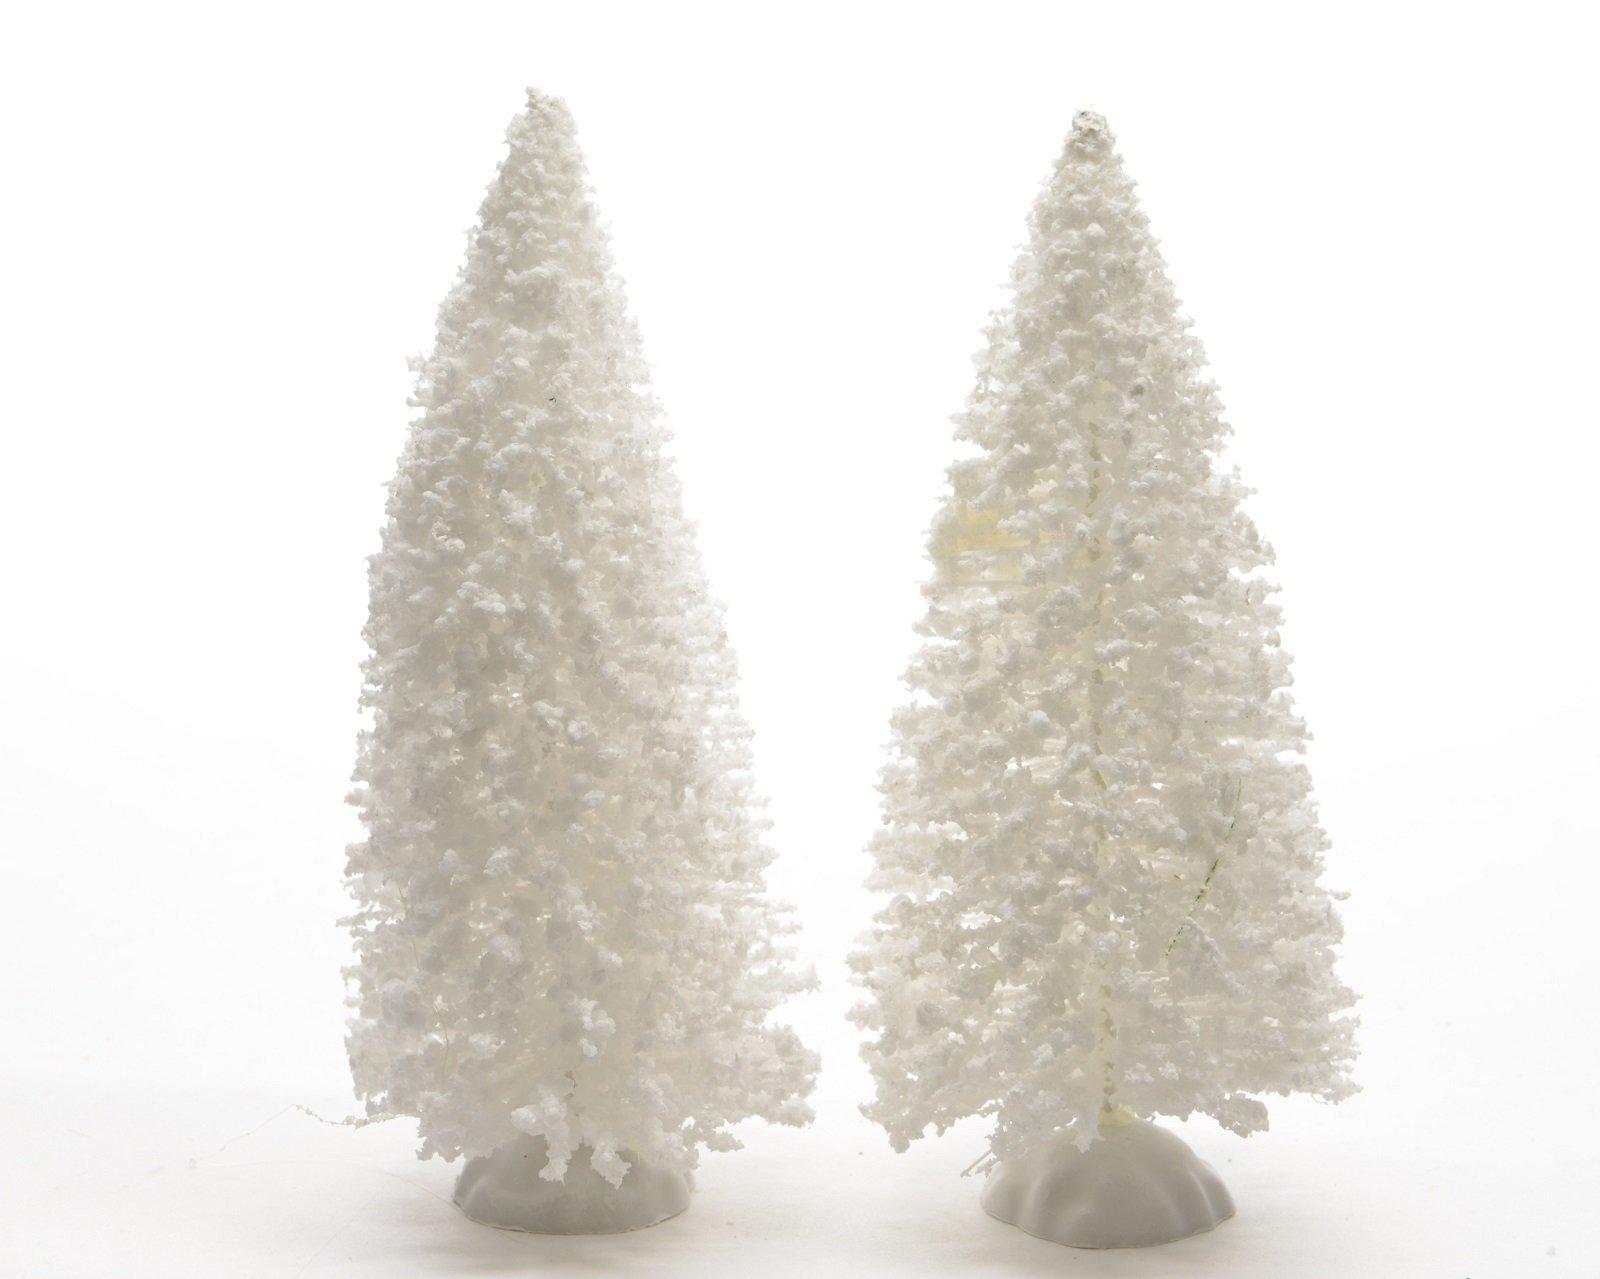 Weihnachtsdeko-Deko-Tischdeko-Weihnachtsbaum-verschneit-Baum-Miniatur-wei-H-15-cm-2-er-Set